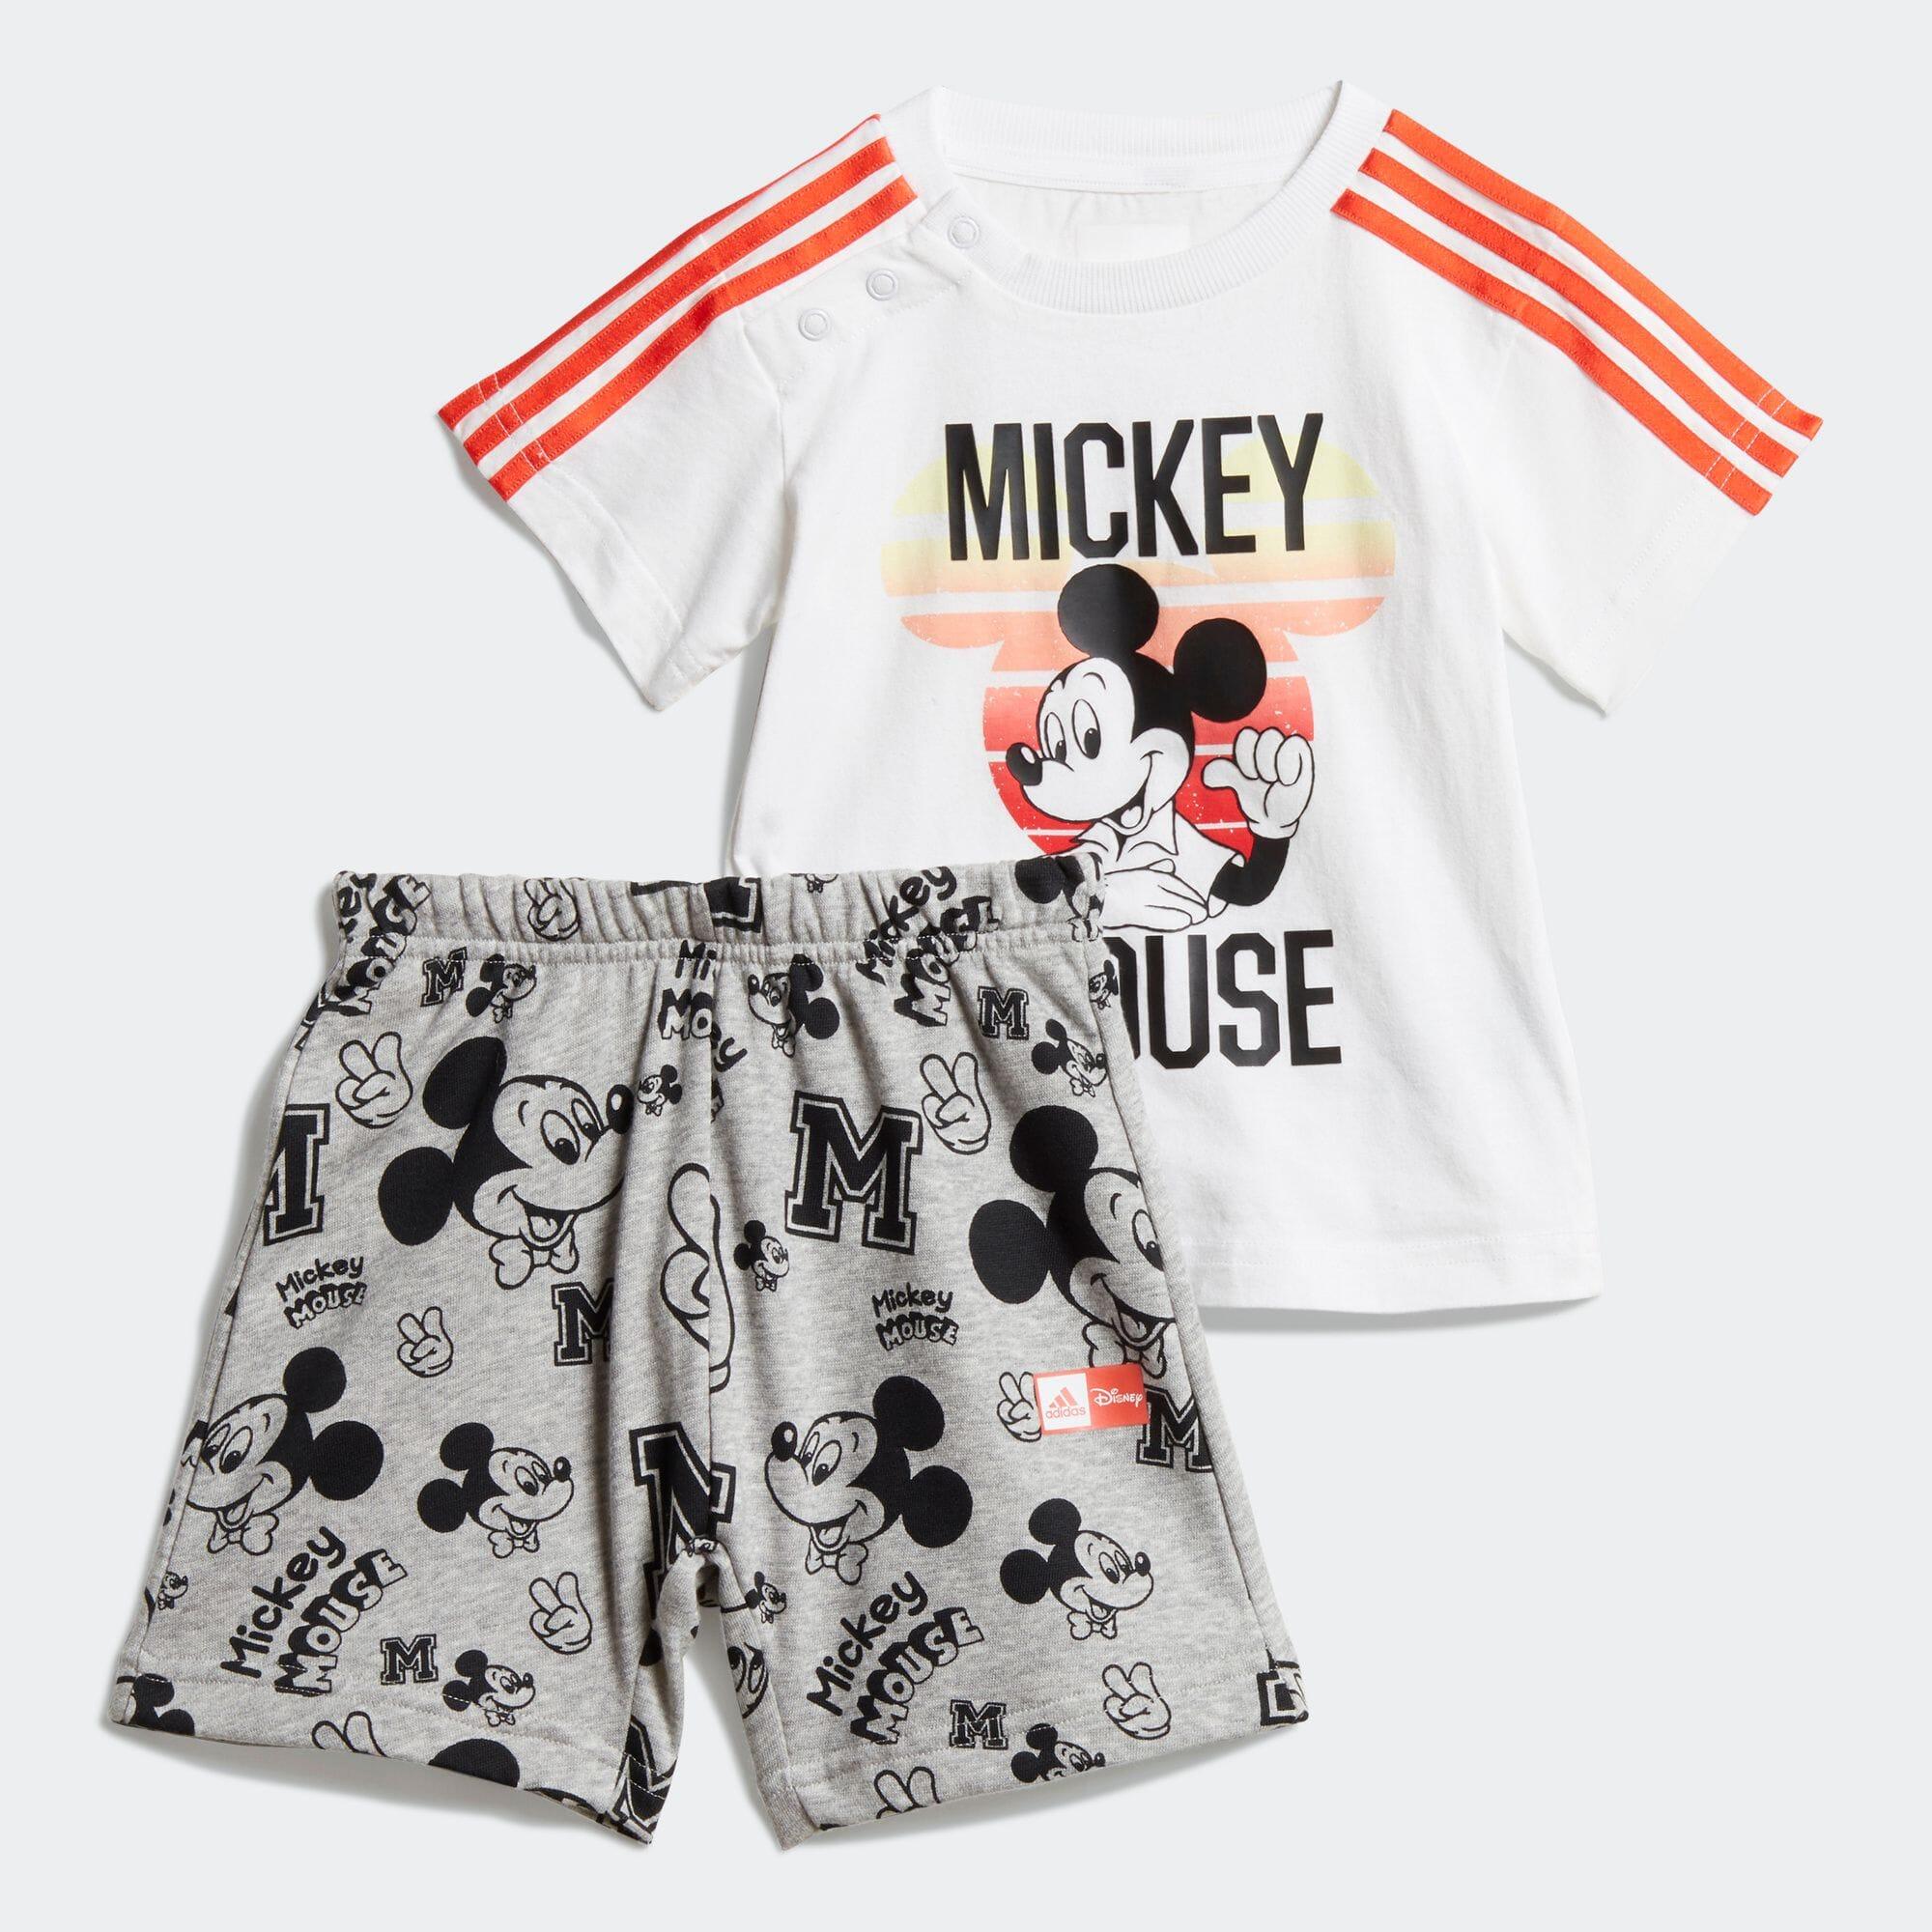 ディズニー ミッキーマウス サマーセット / Disney Mickey Mouse Summer Set